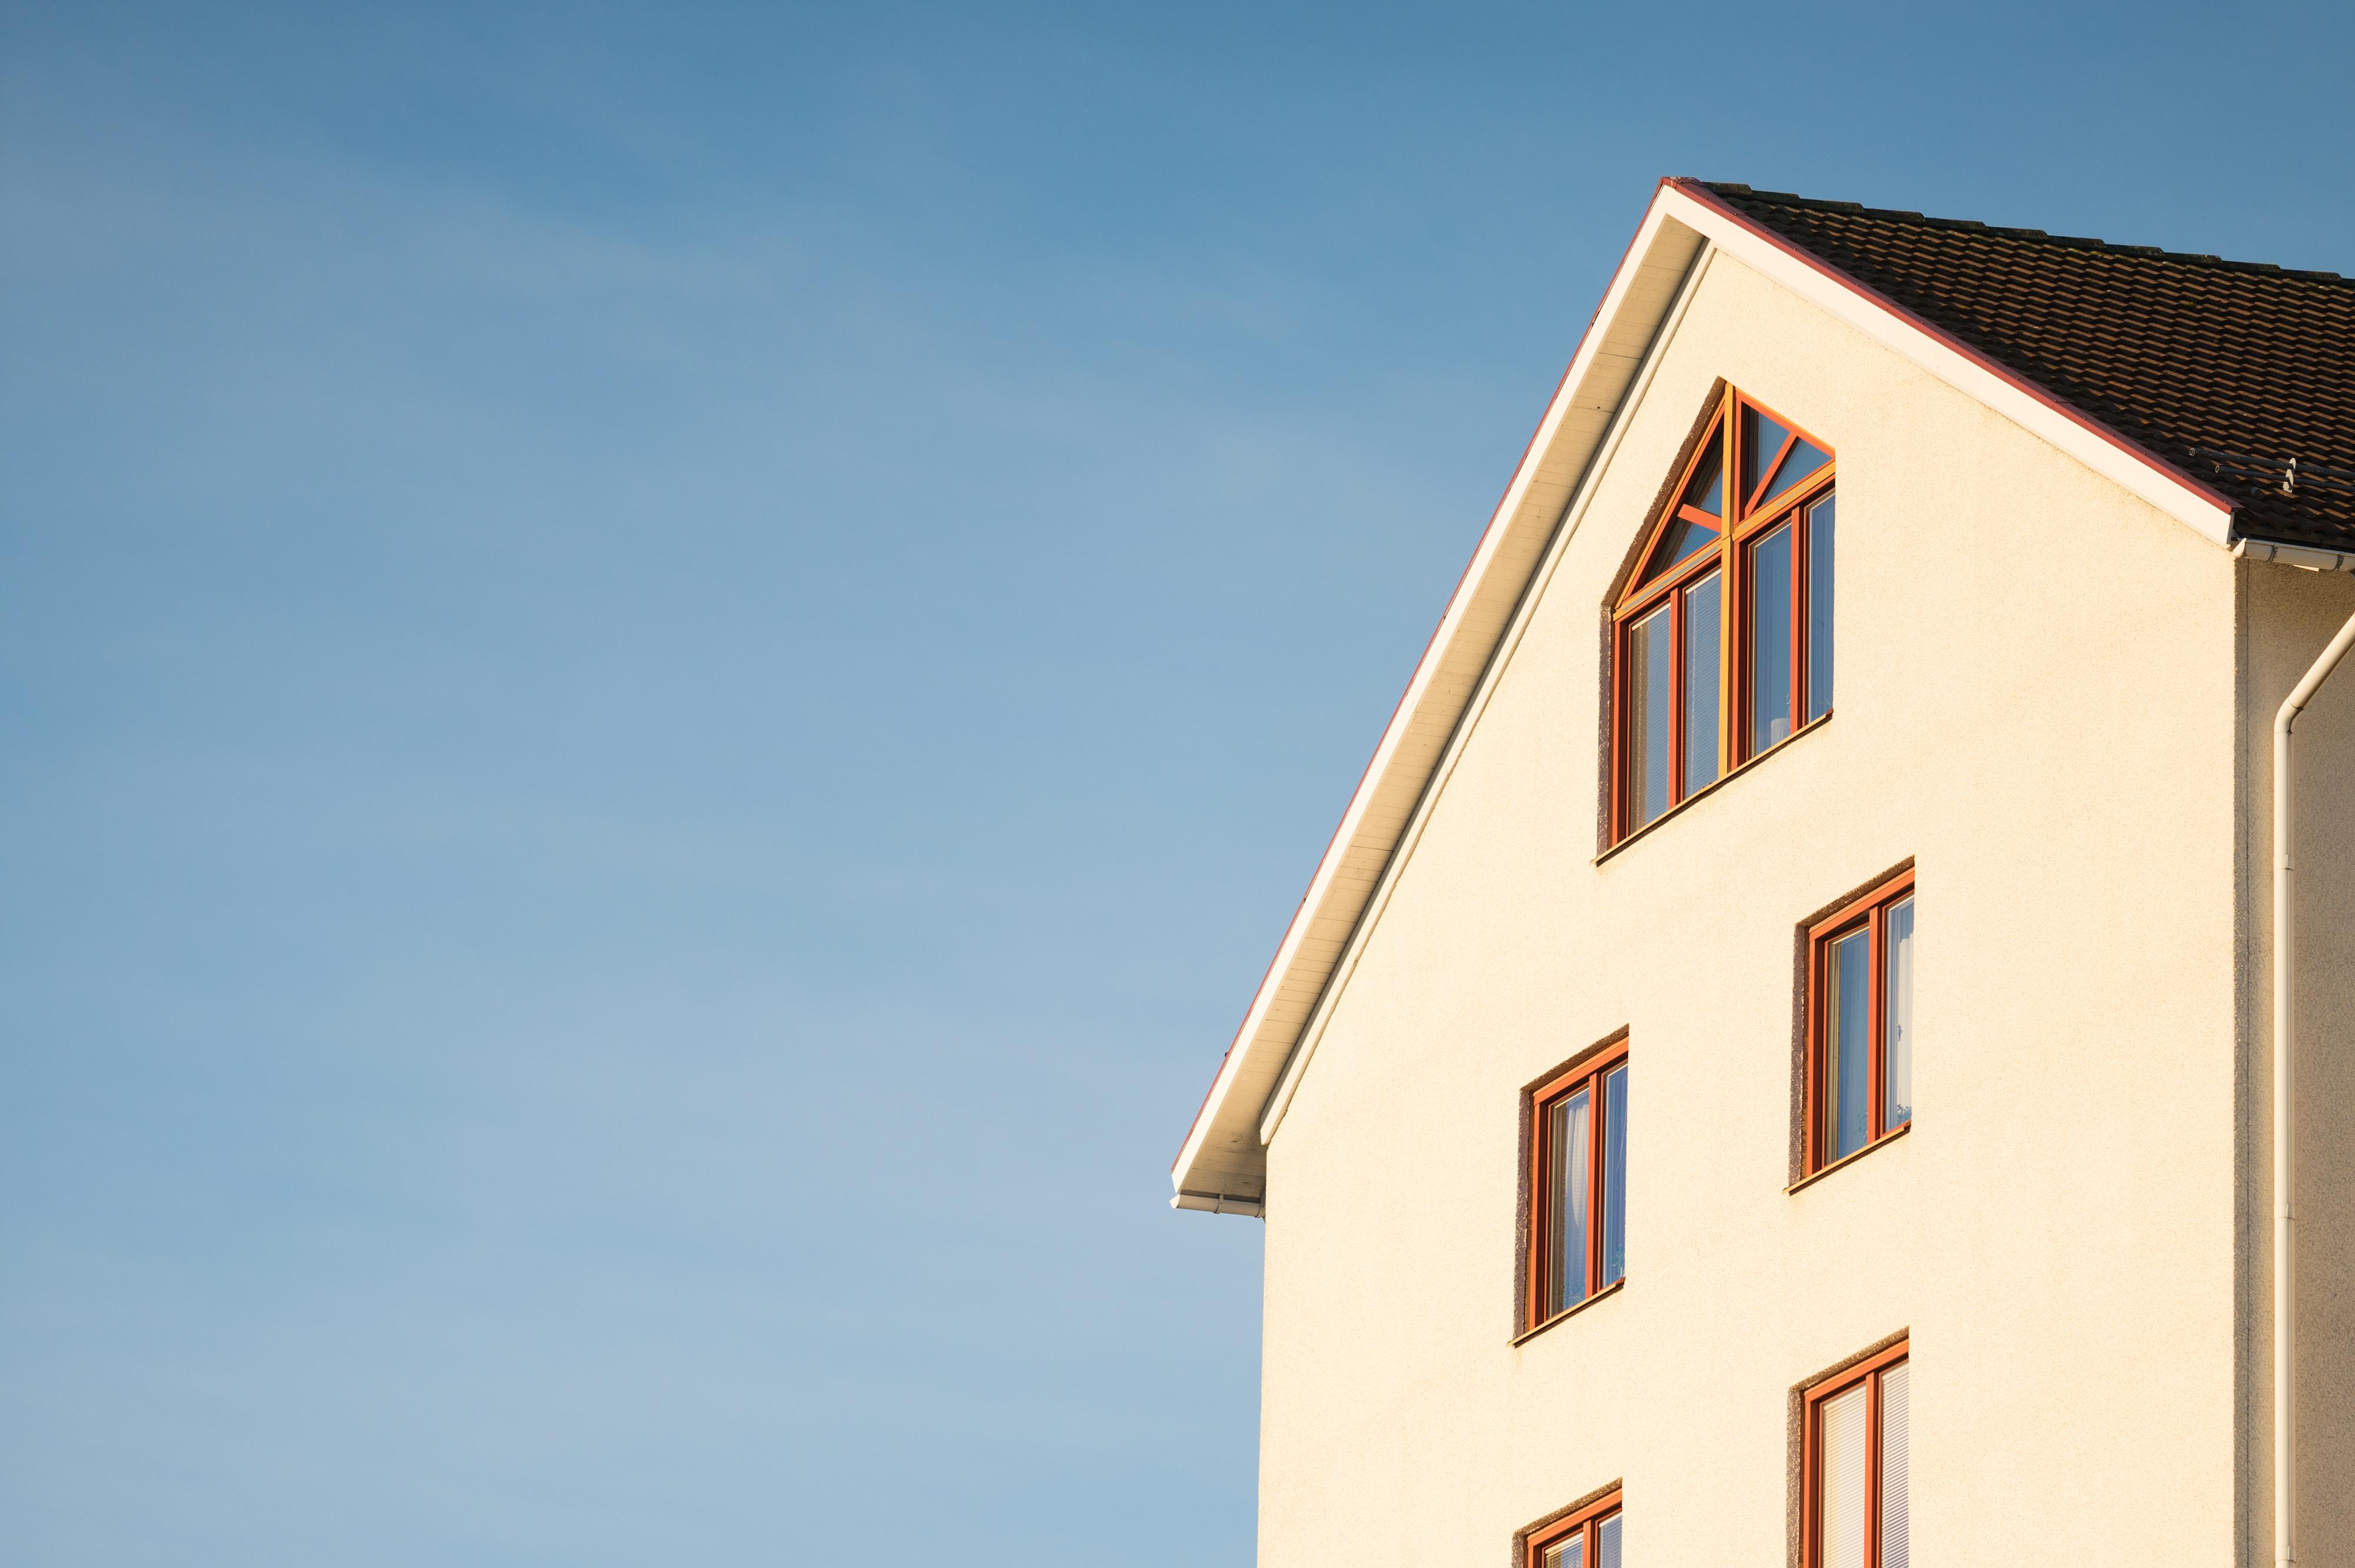 Quelle assurance habitation pour ma résidence secondaire ?